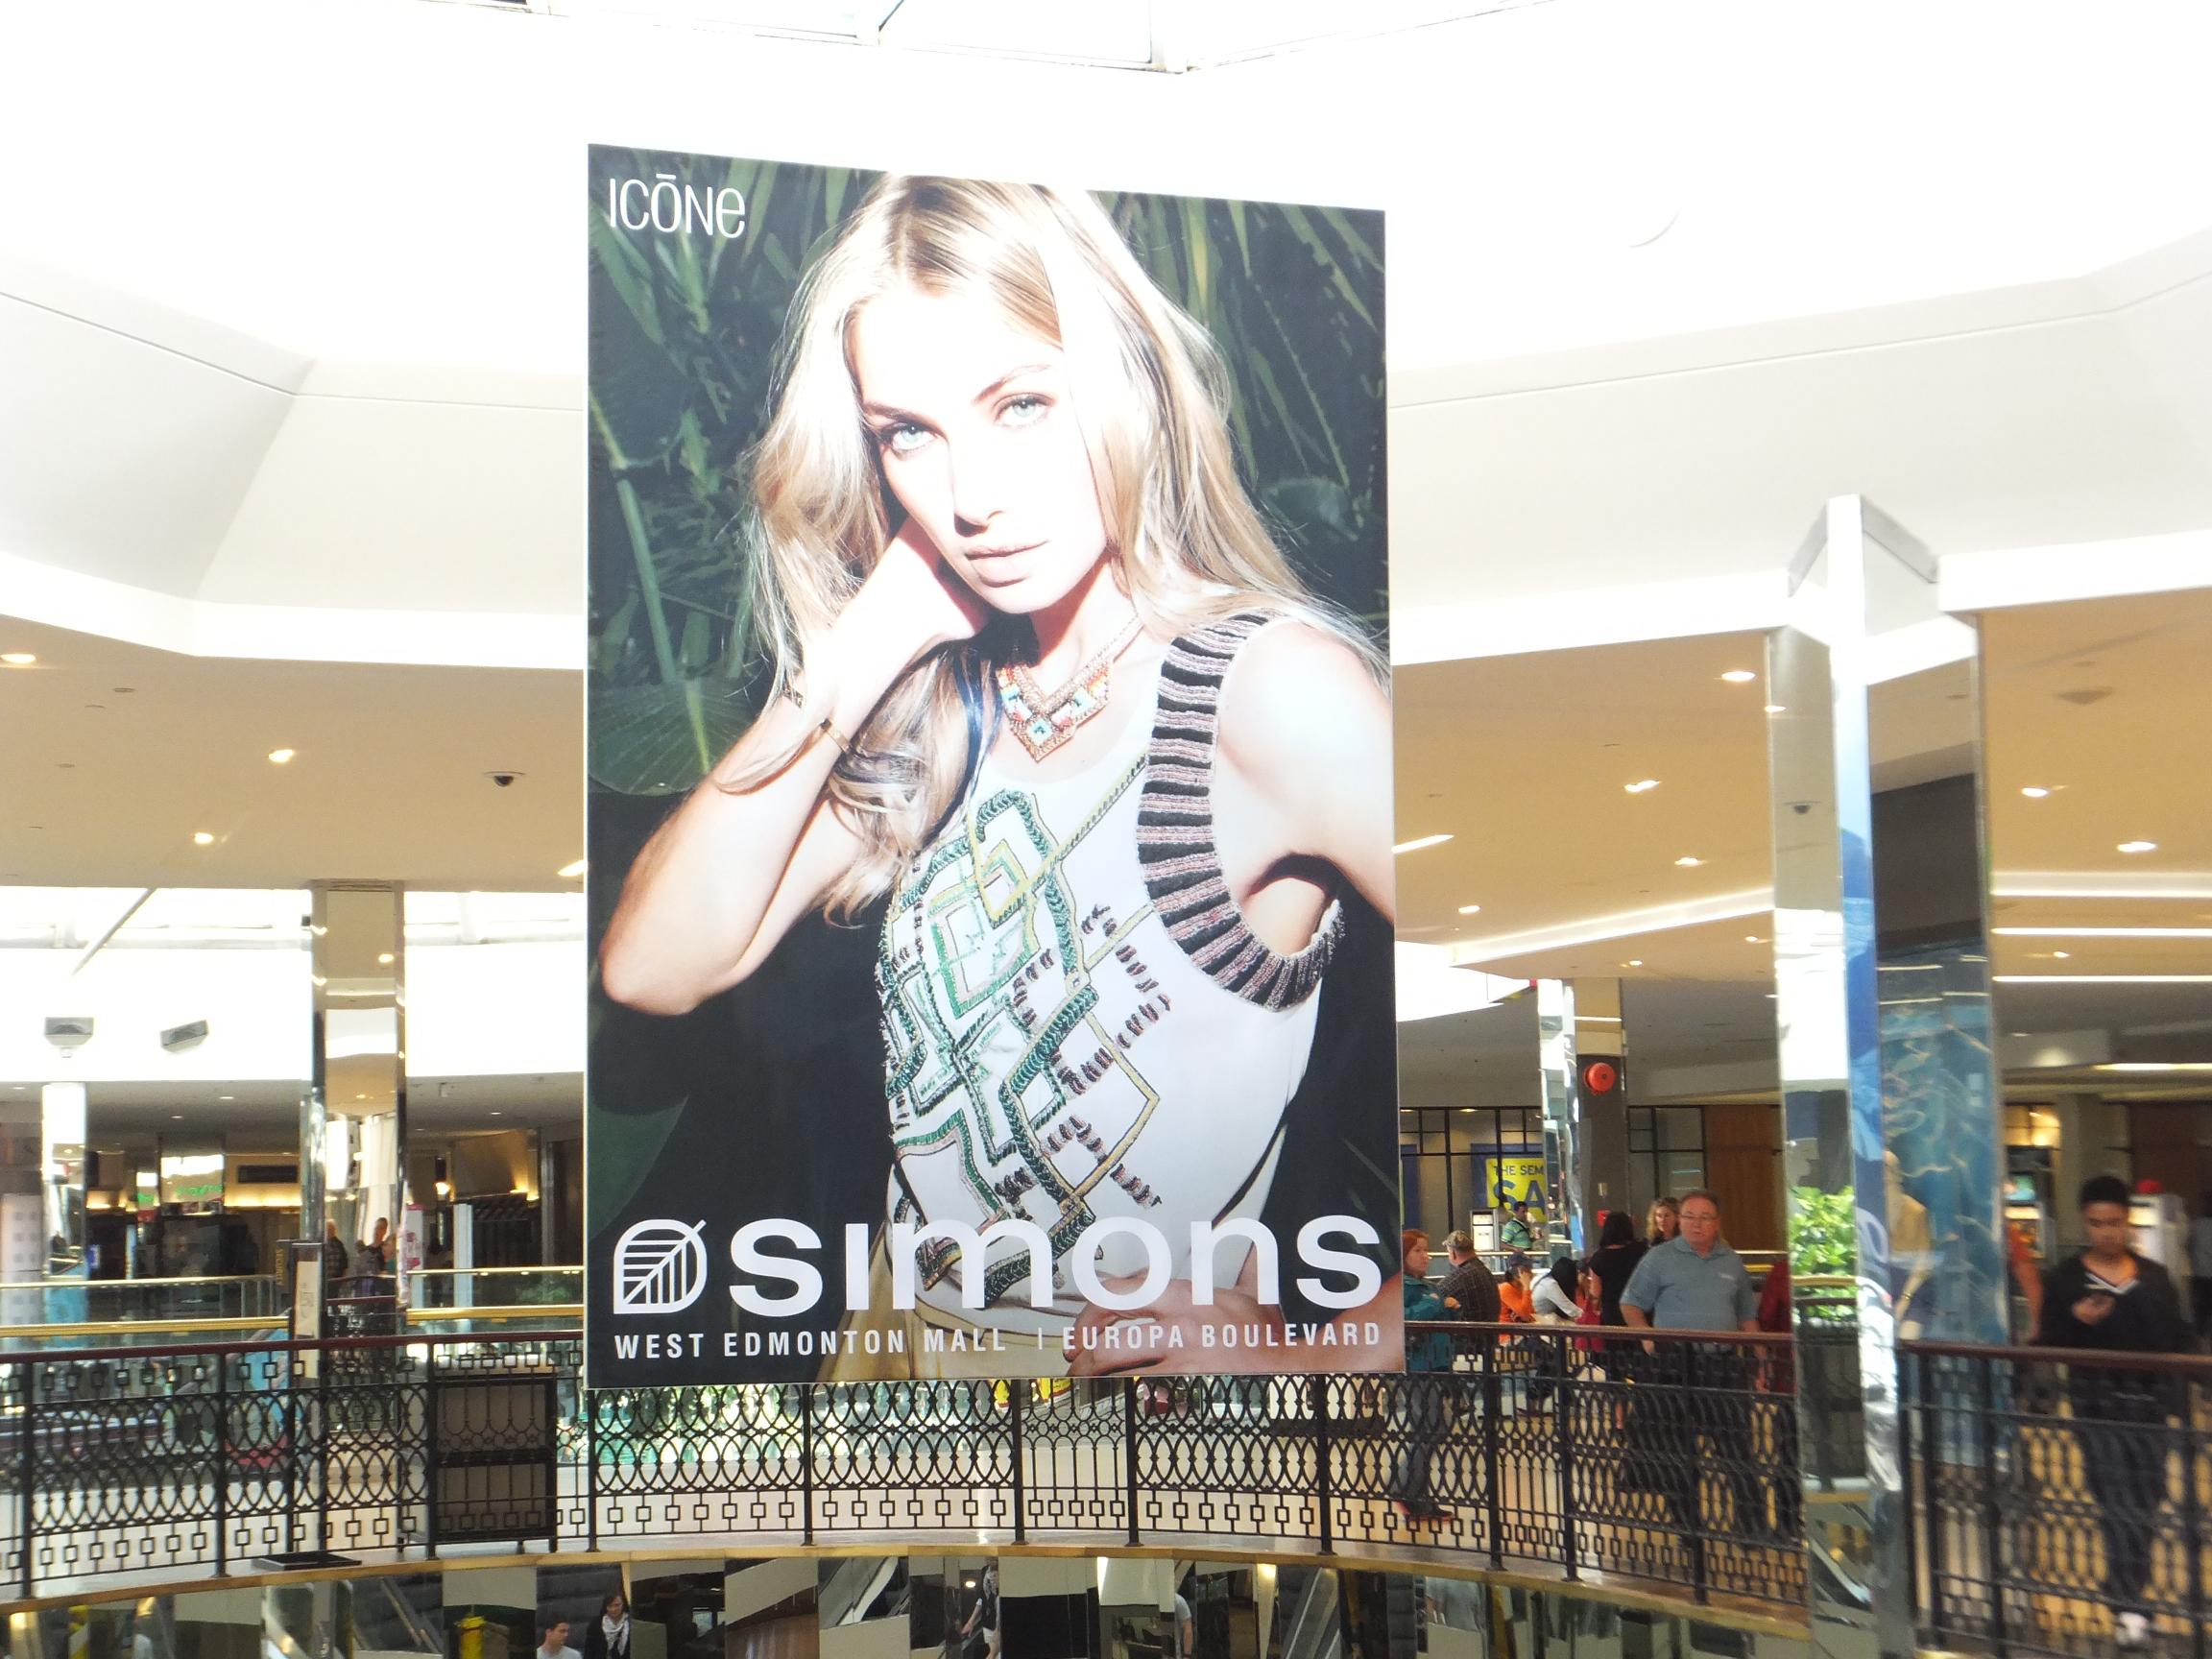 digital-fabric-signage-mall.jpg